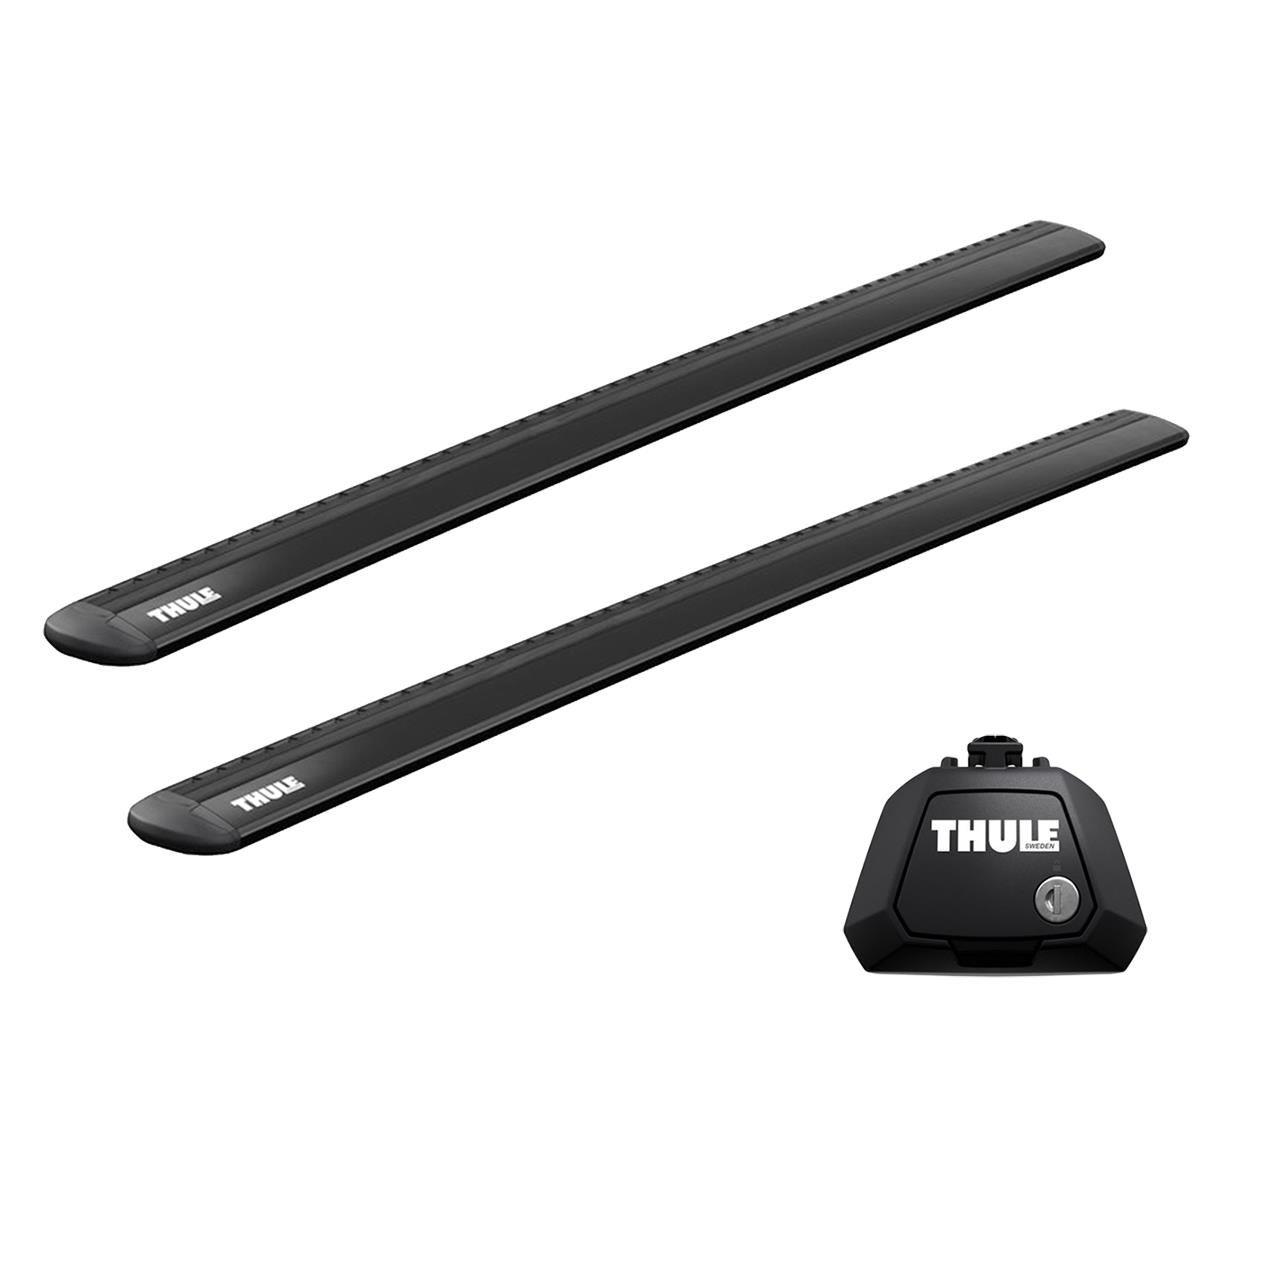 Напречни греди Thule Evo Raised Rail WingBar Evo 127cm в Черно за FIAT Panda 4X4 5 врати Hatchback 04-11 с фабрични надлъжни греди с просвет 1